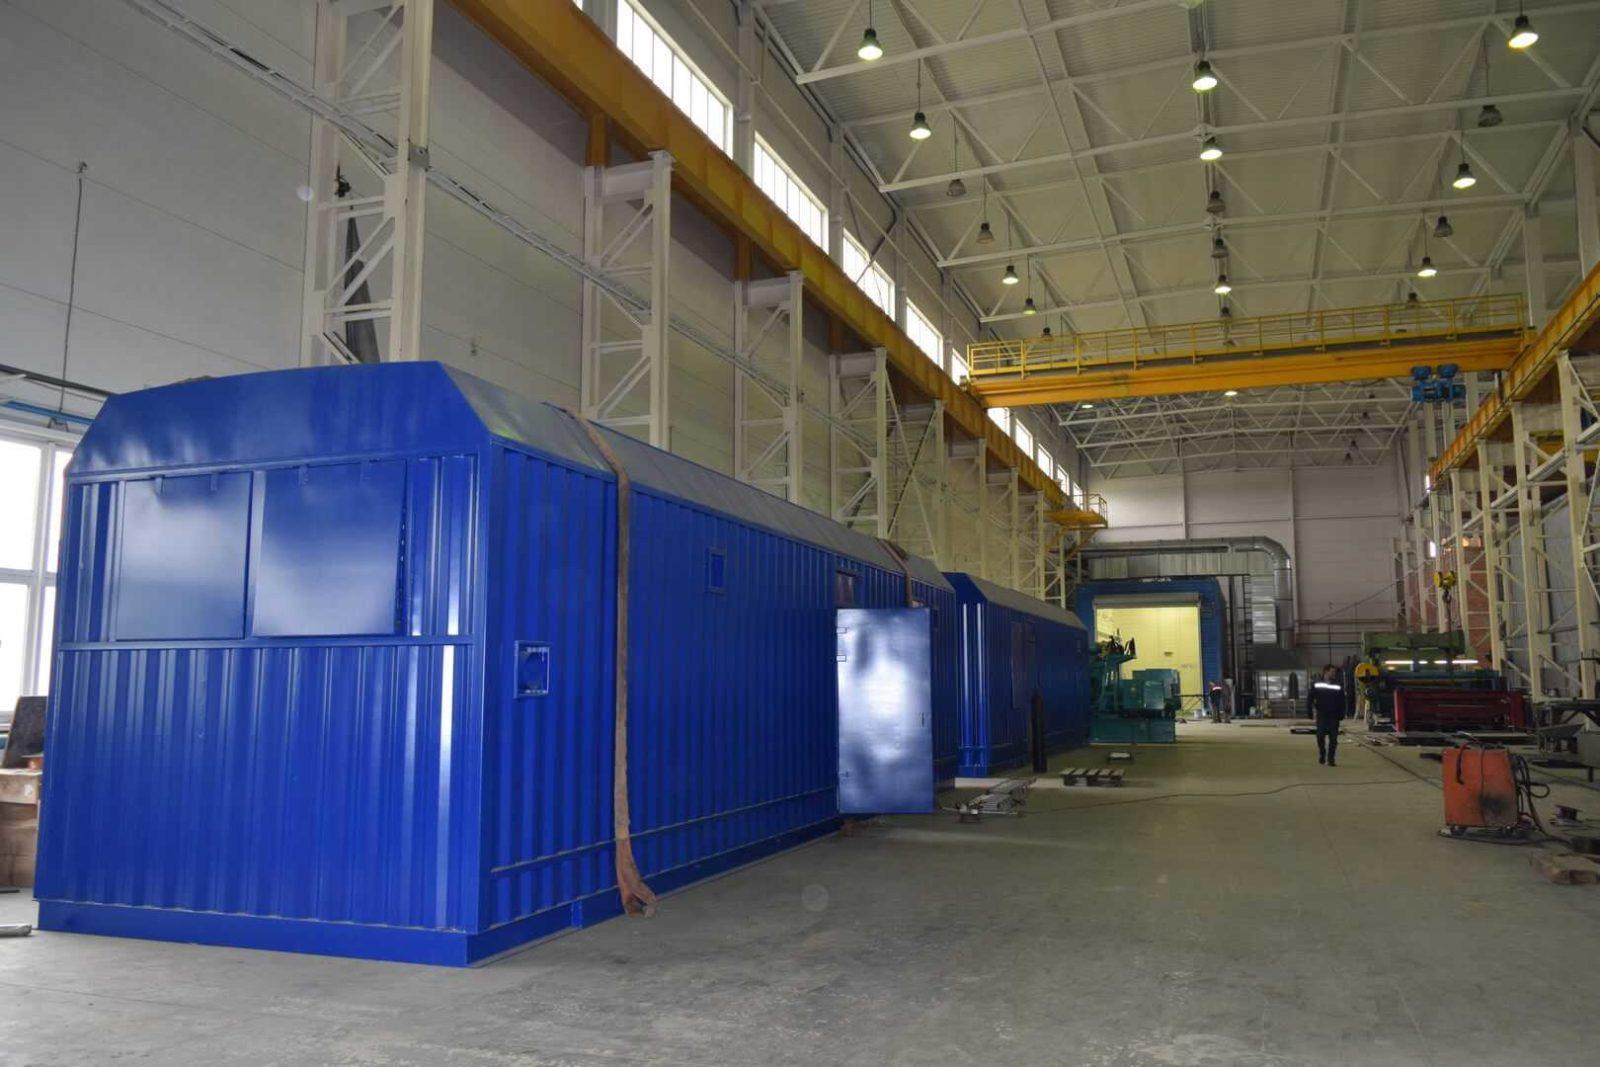 dsc 0004 - Резервуарное оборудование из стеклокомпозитных материалов